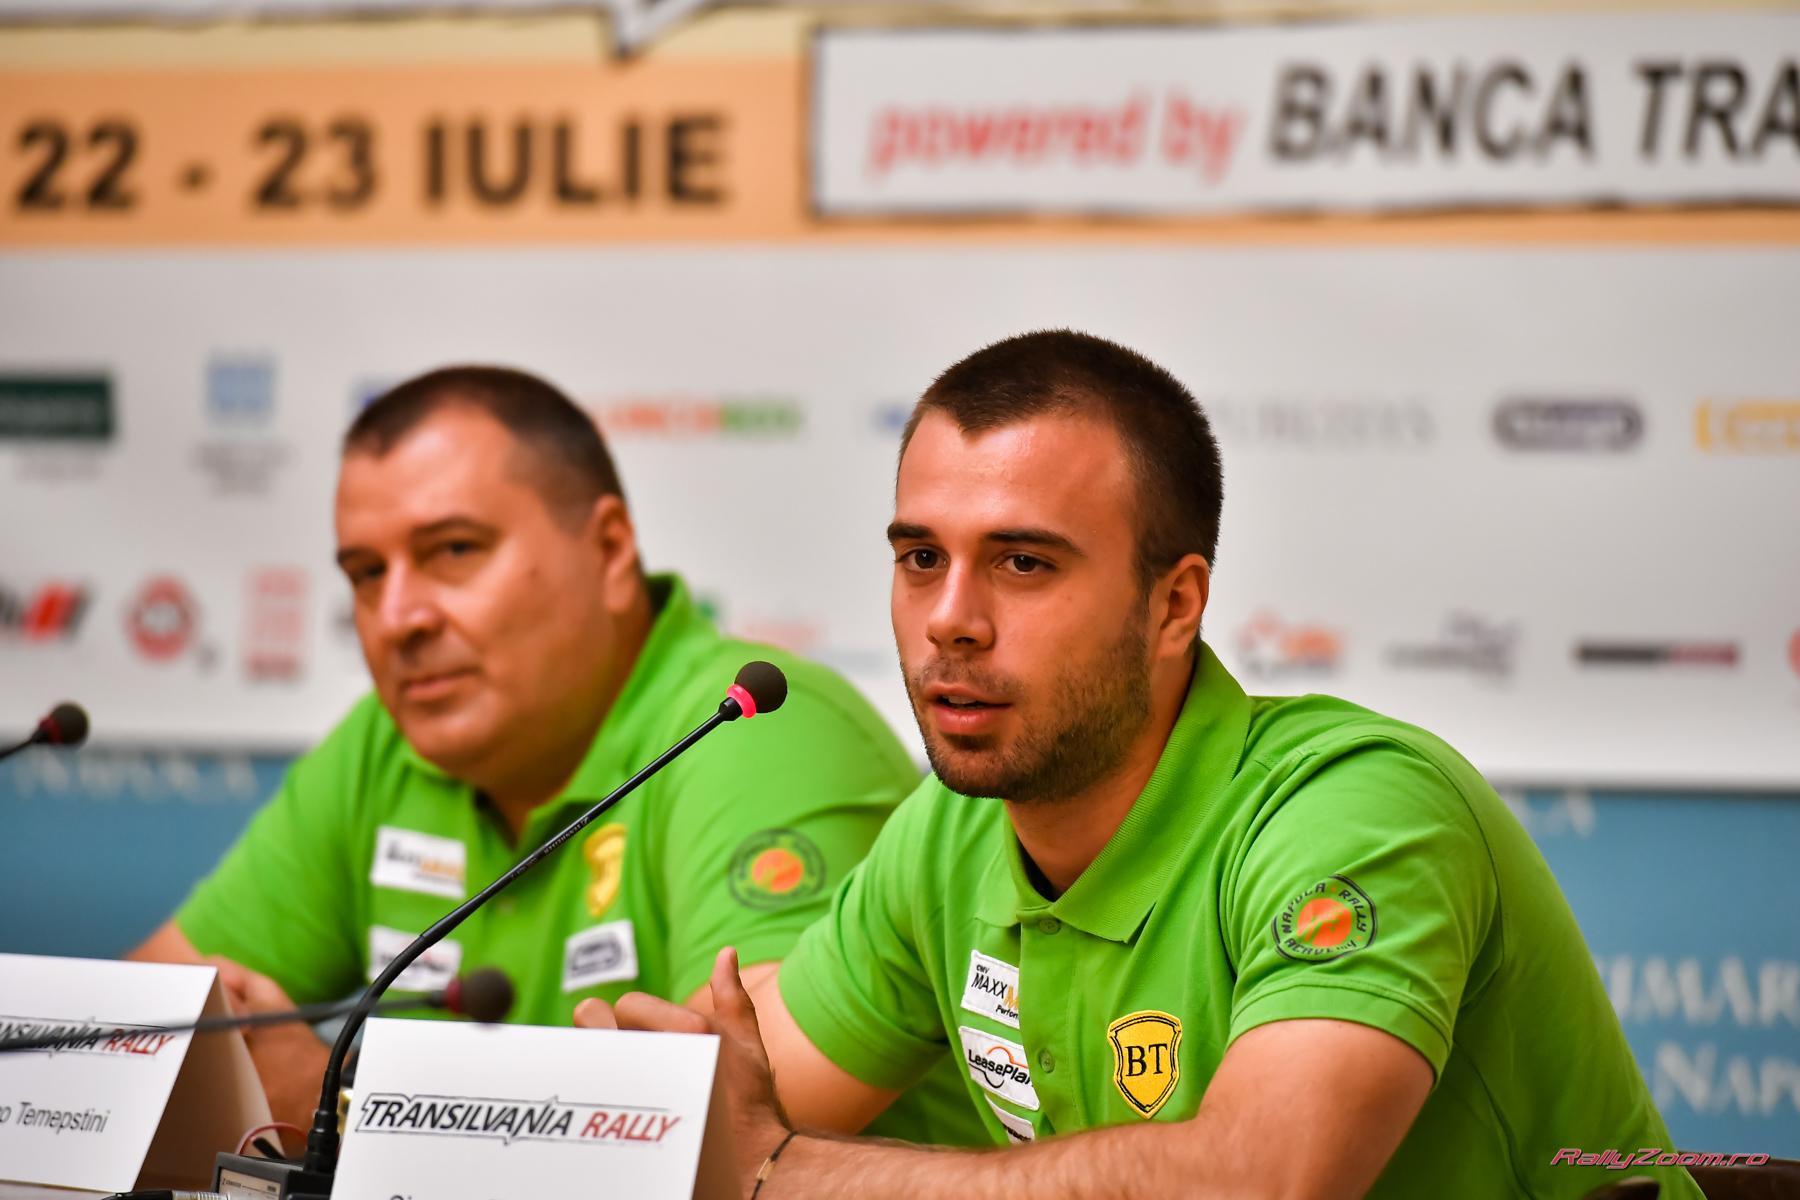 Simone Tempestini aduce din nou la Cluj titlu de campion la raliu